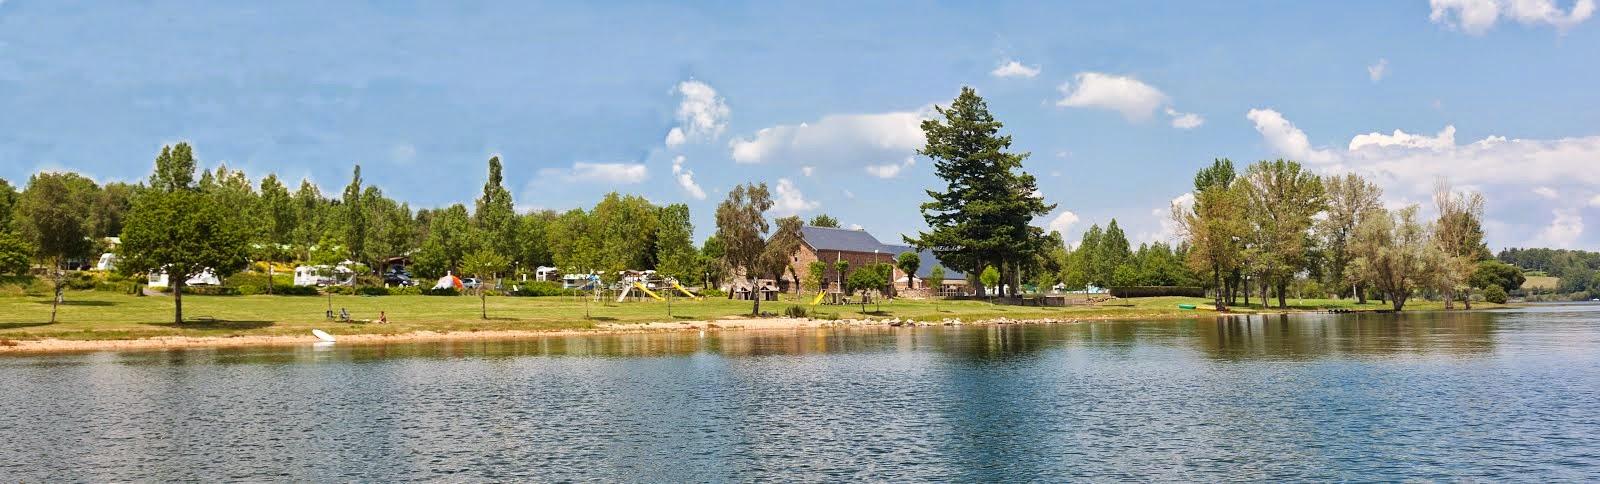 Le camping vu du lac